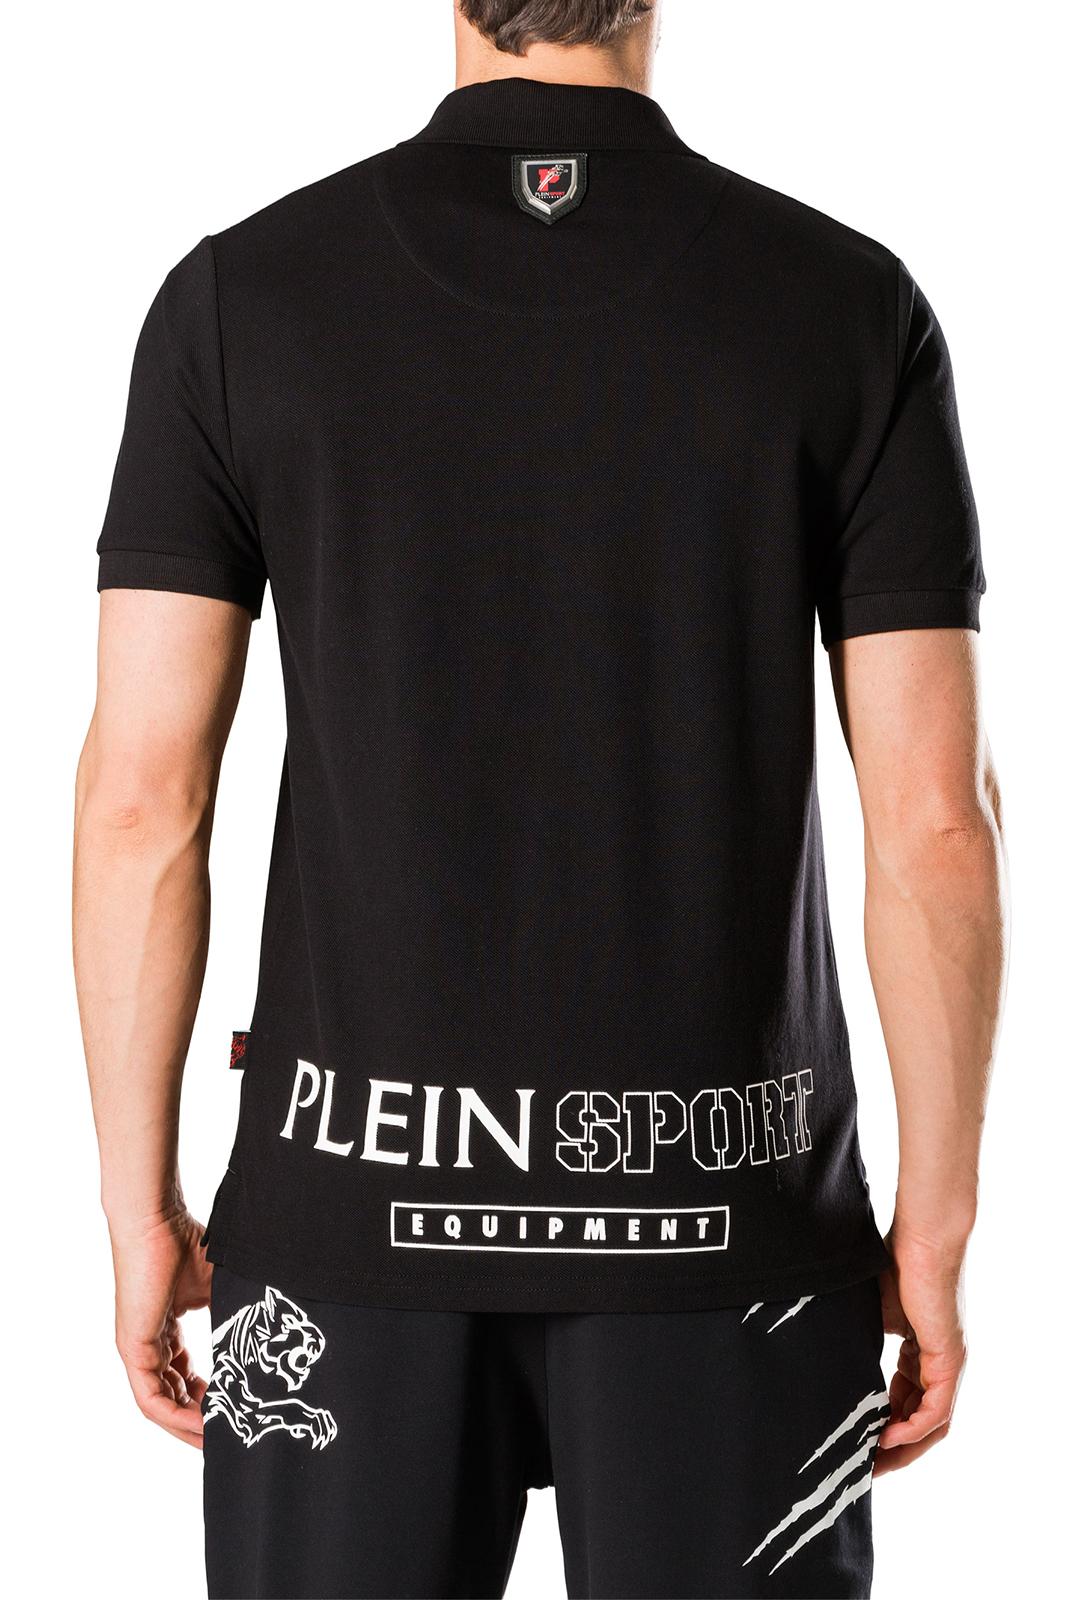 Plein Sport F17C MTK0532 02 BLACK